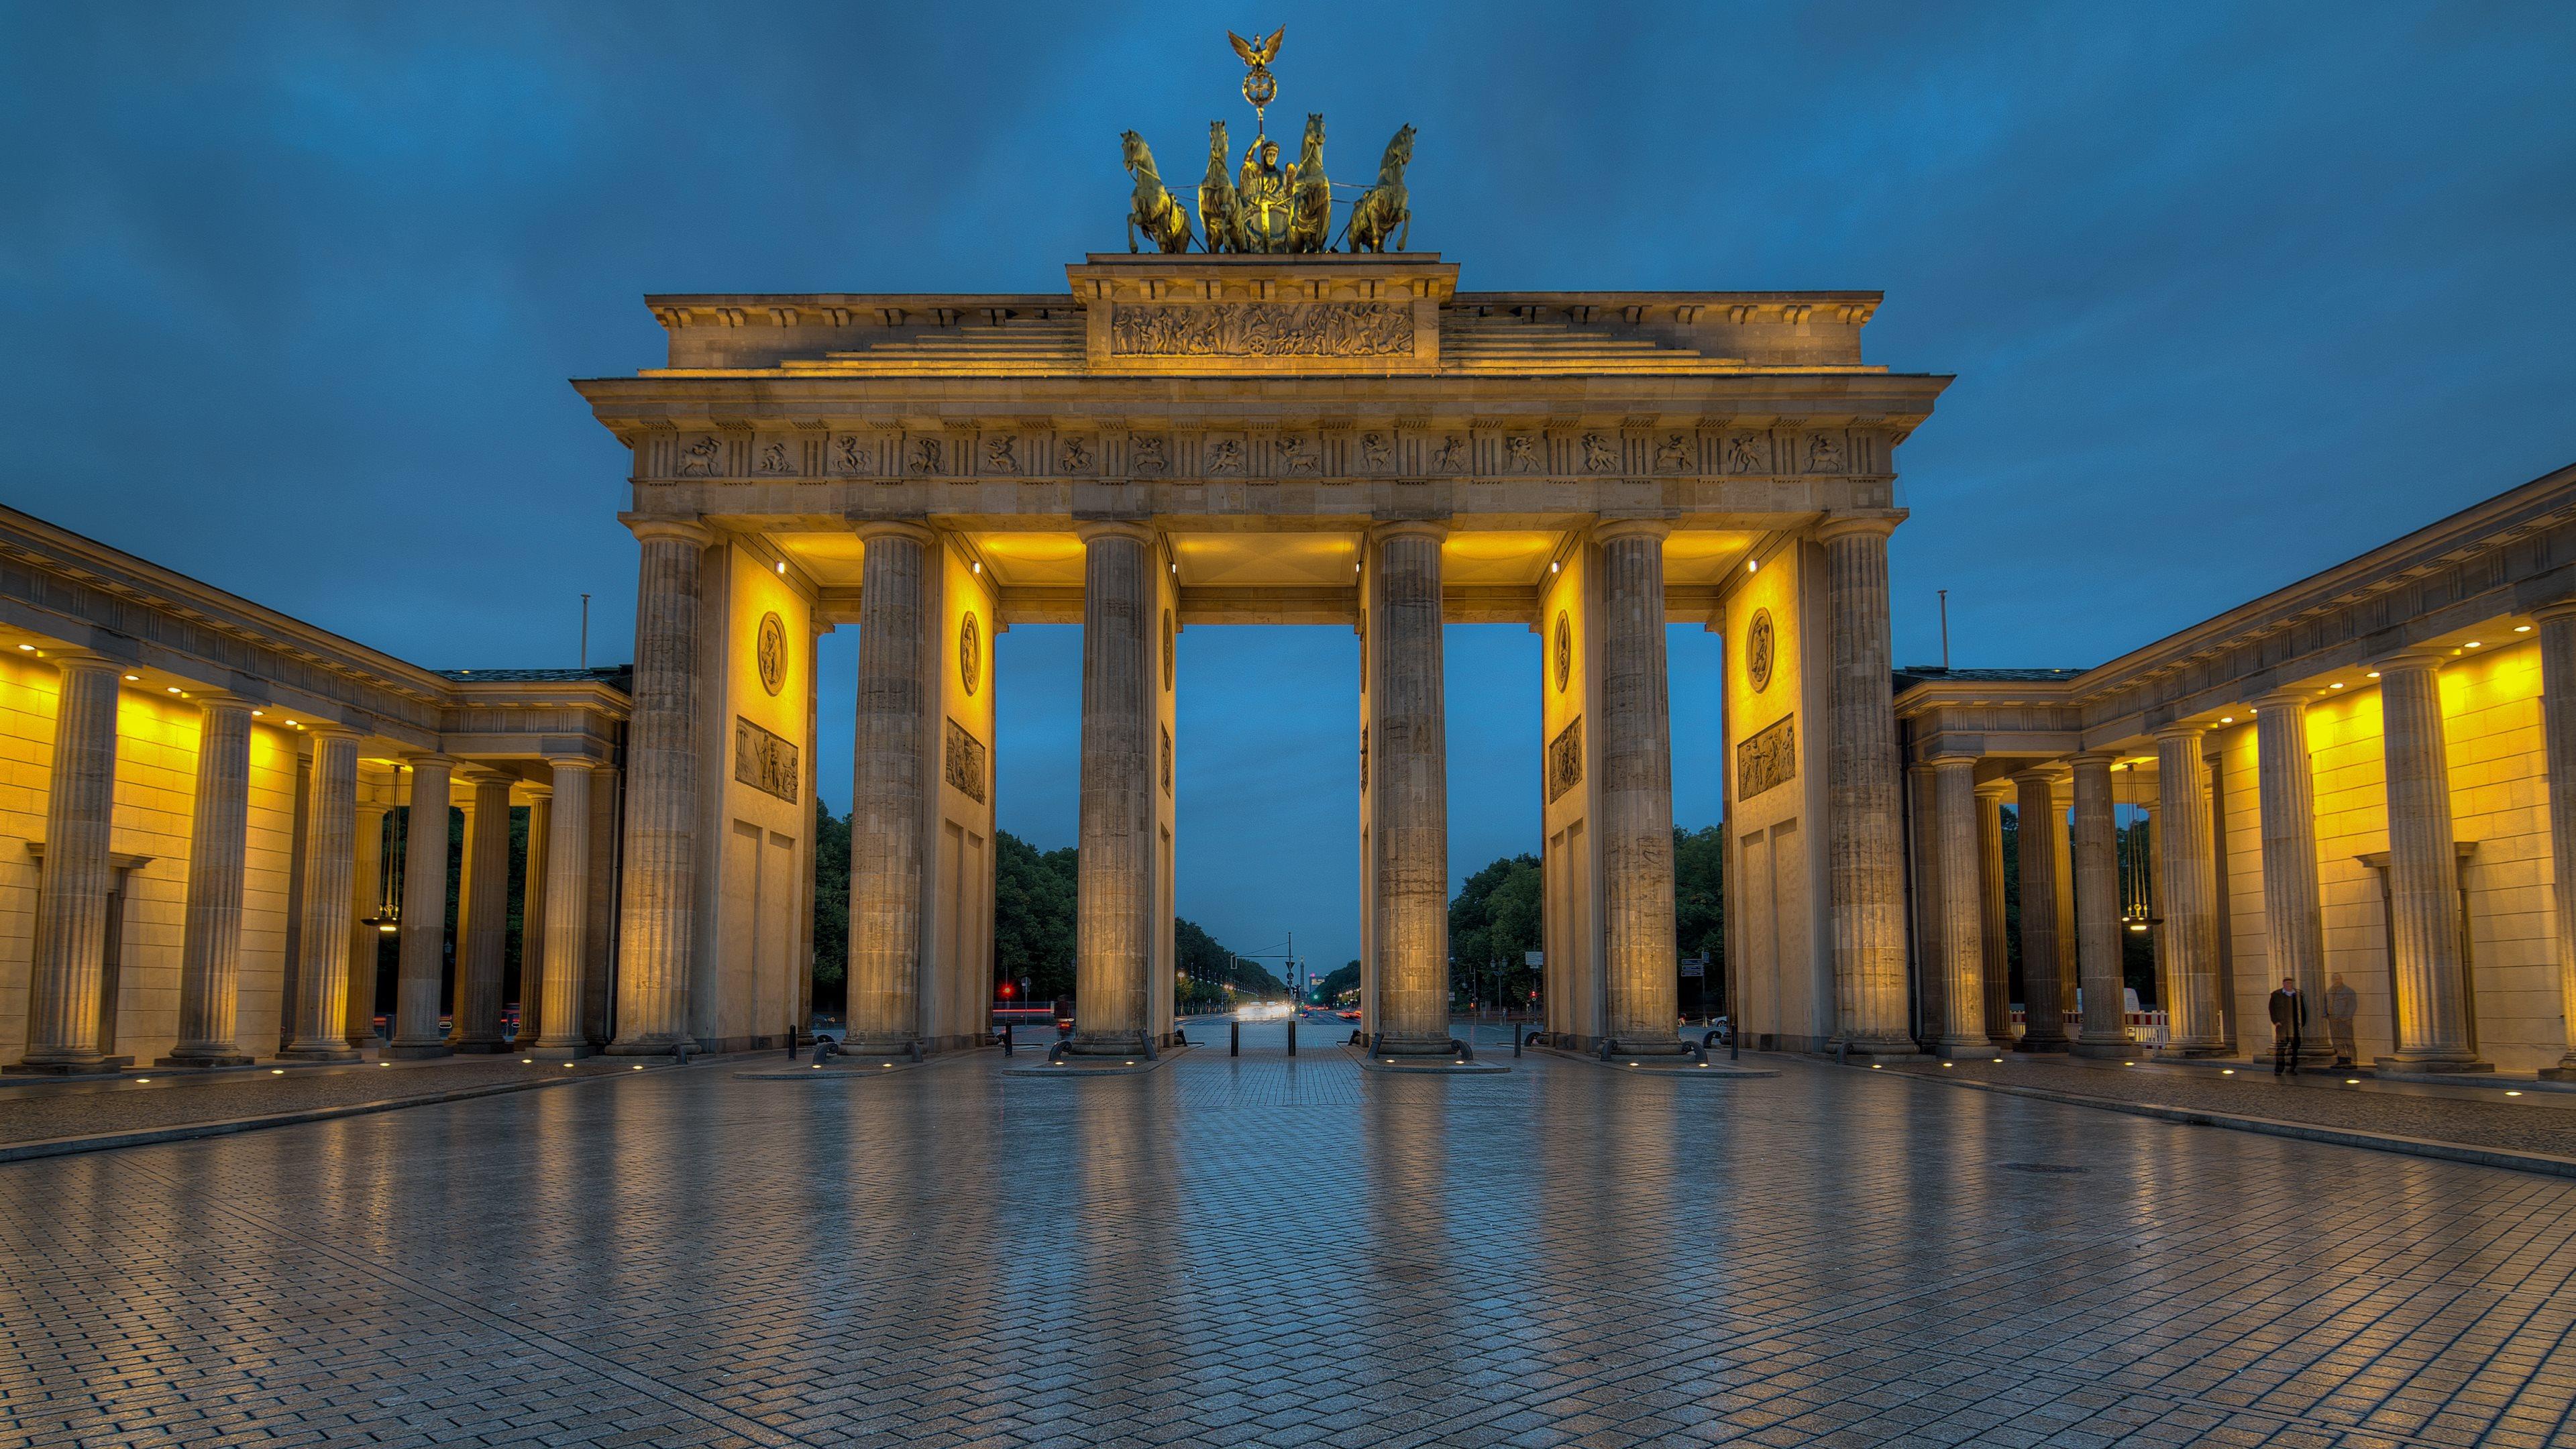 Brandenburg Gate Wallpaper 1   3840 X 2160 stmednet 3840x2160